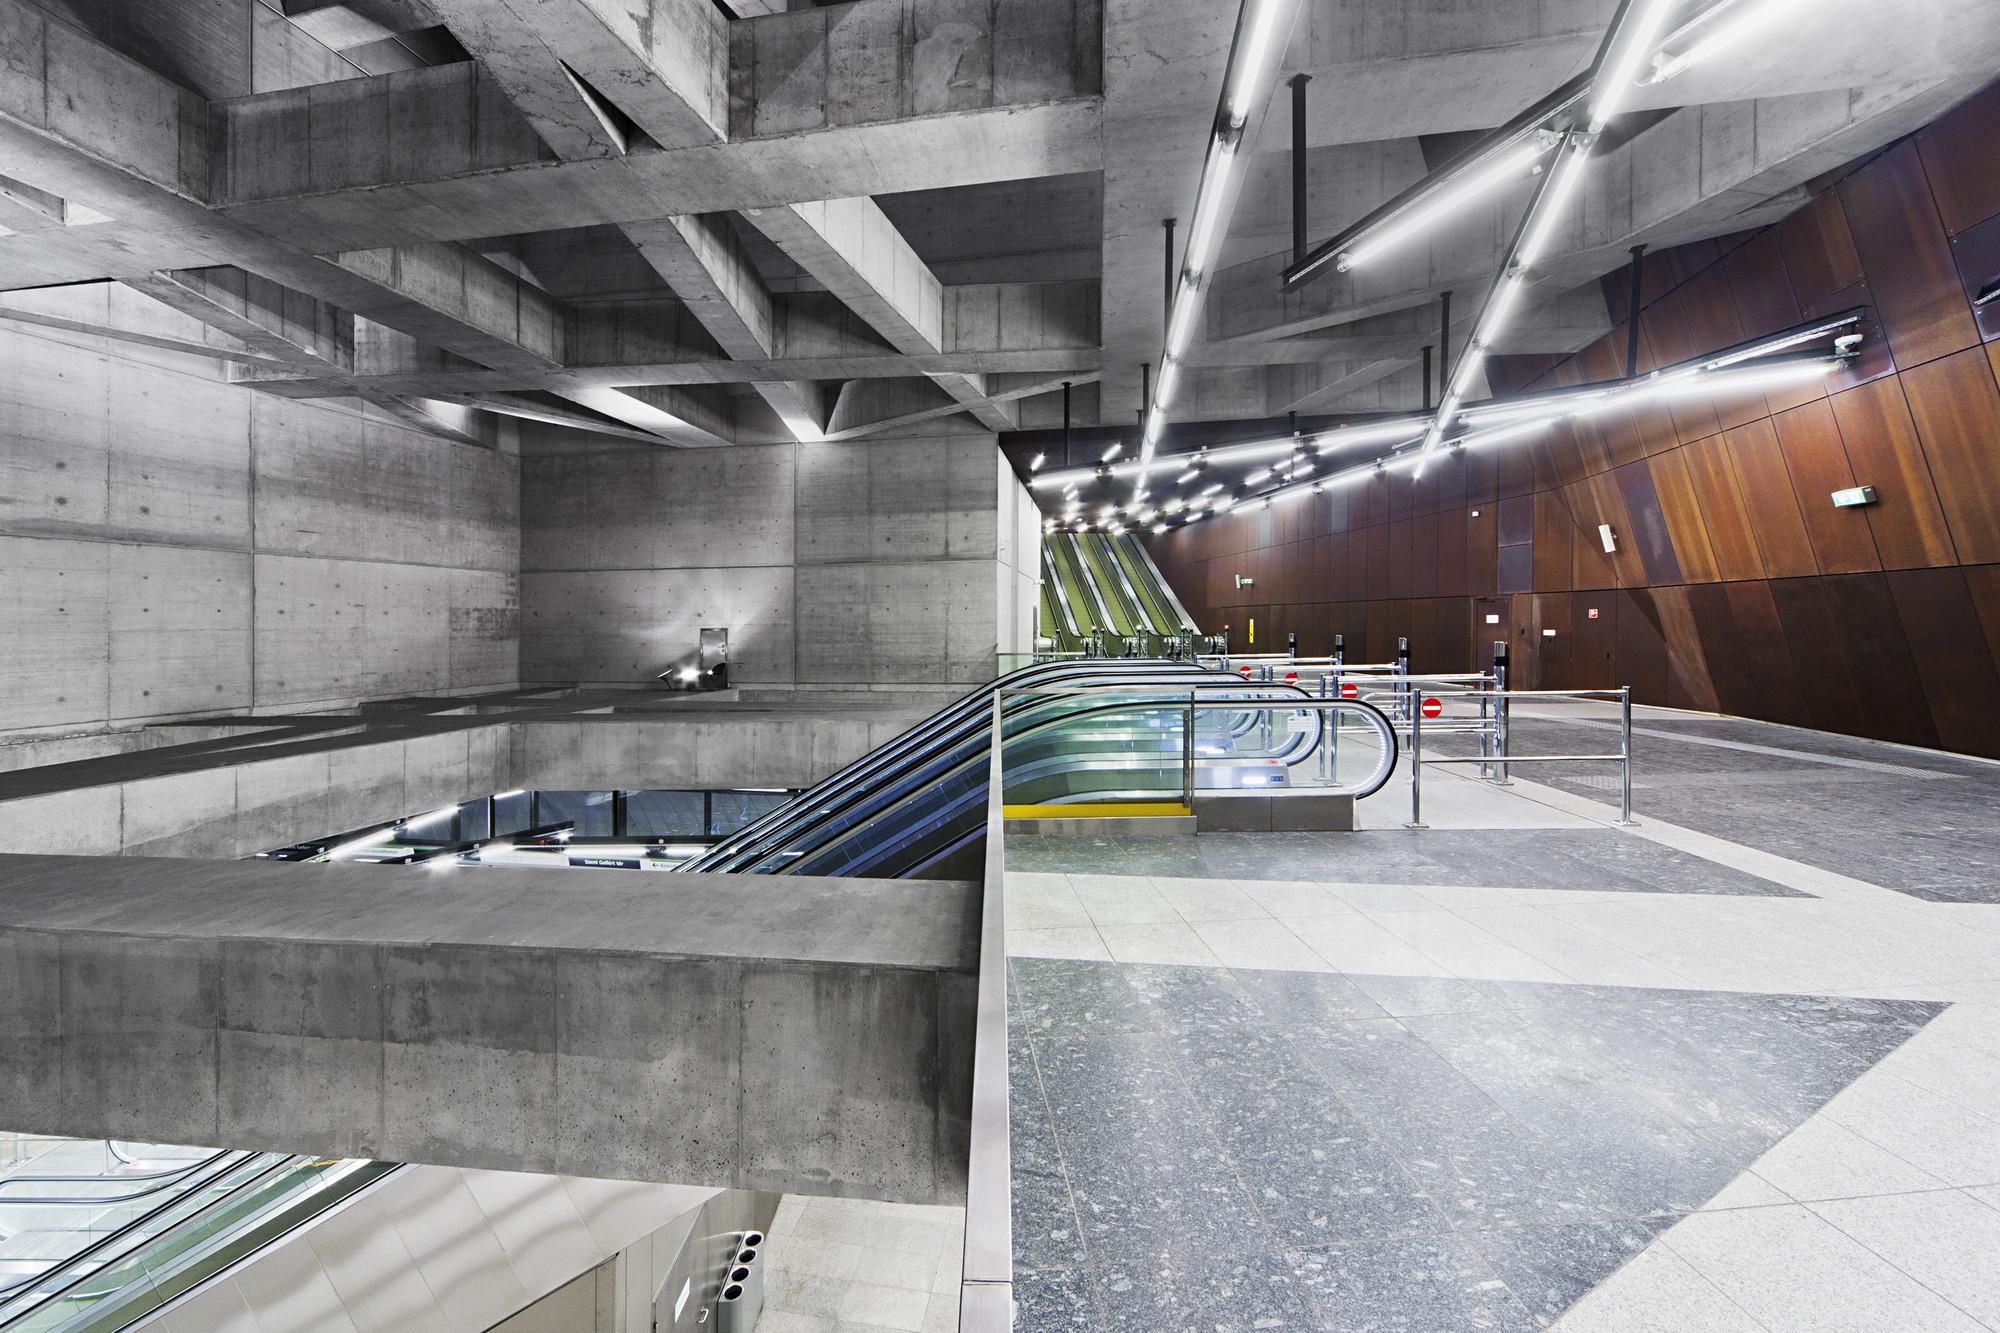 Estación Gellert. Imágen © Tamás Bujnovszky